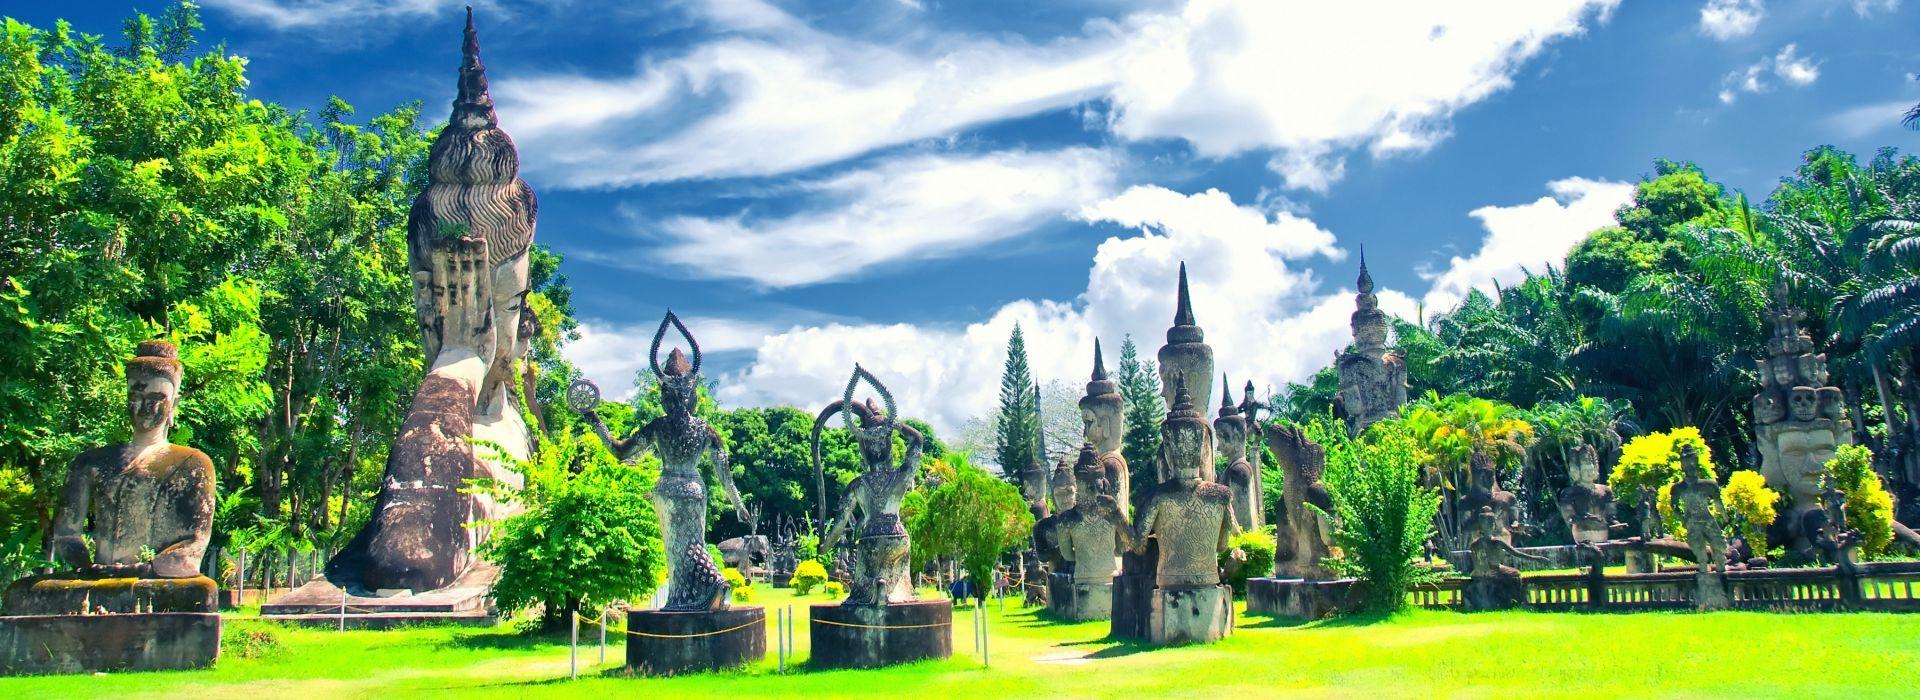 Adventure Tours in Luang Prabang